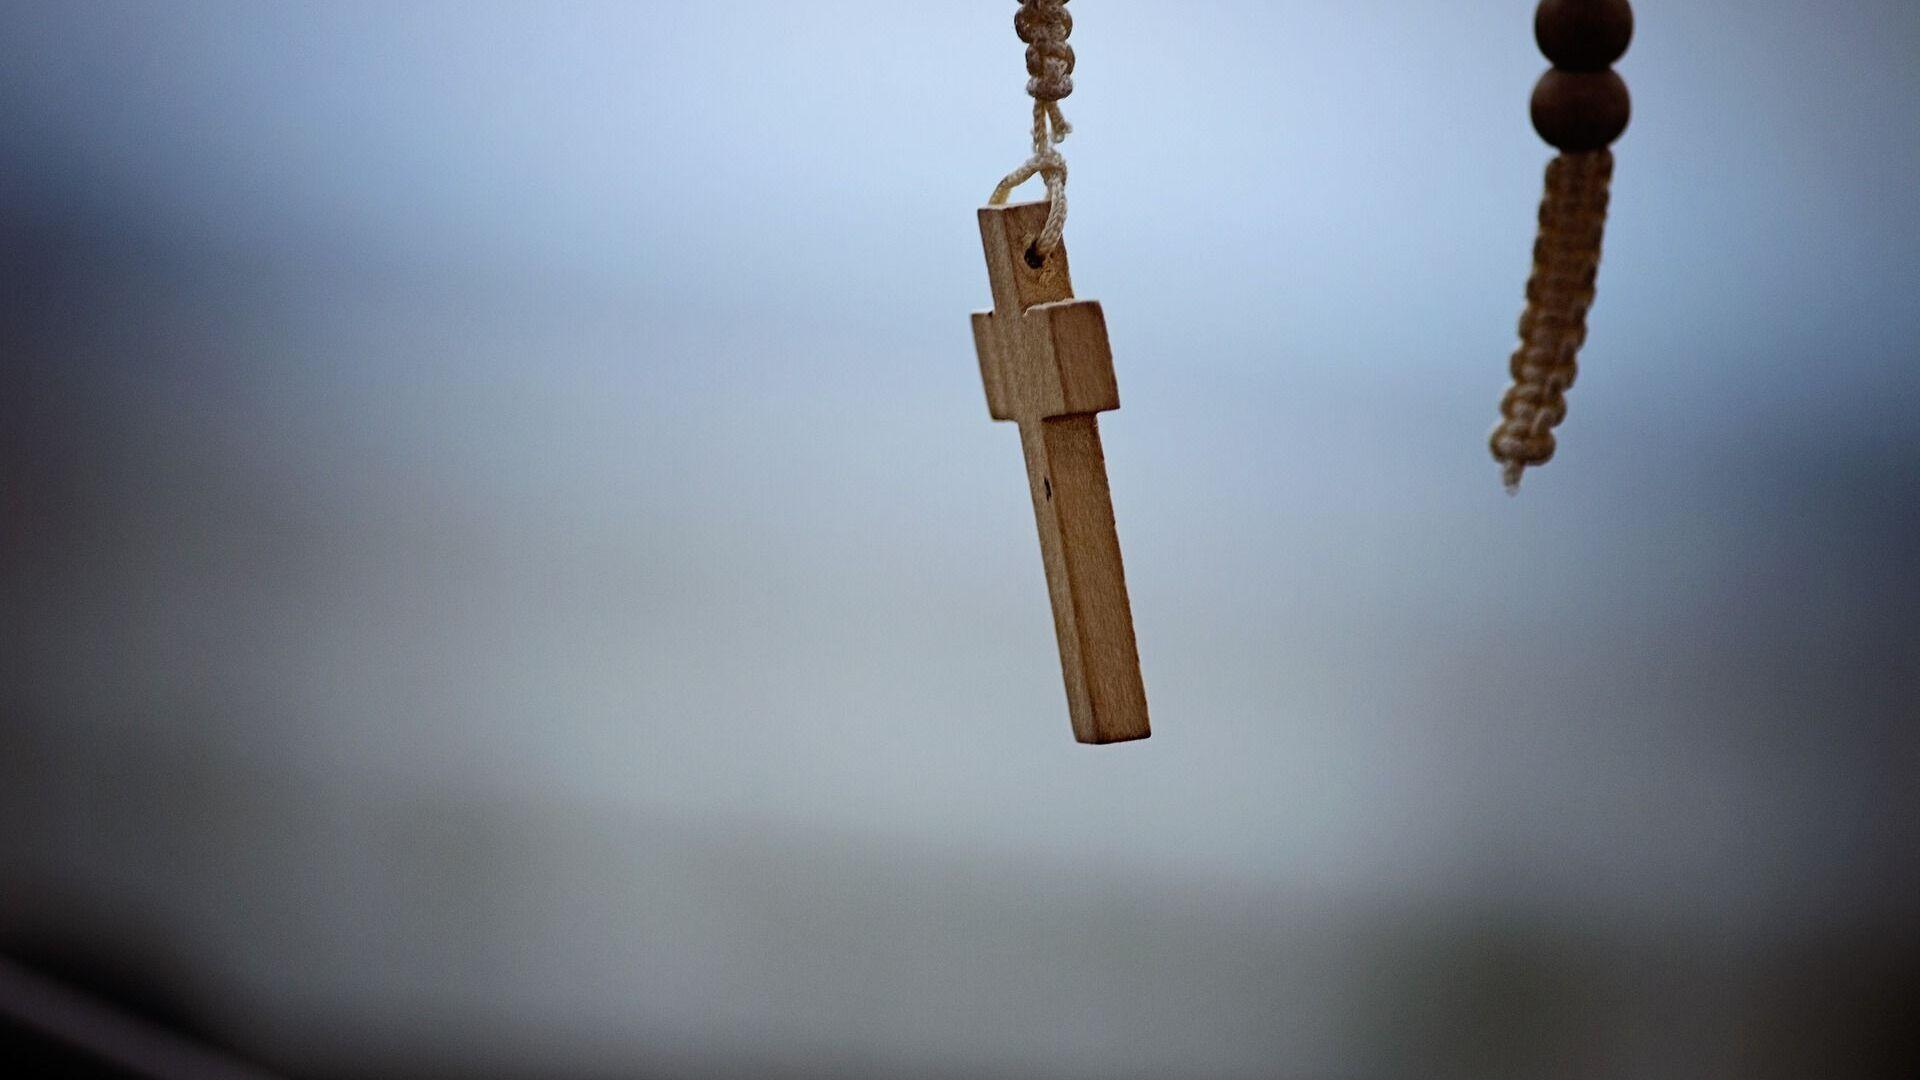 Una cruz católica (imagen referencial) - Sputnik Mundo, 1920, 13.10.2021